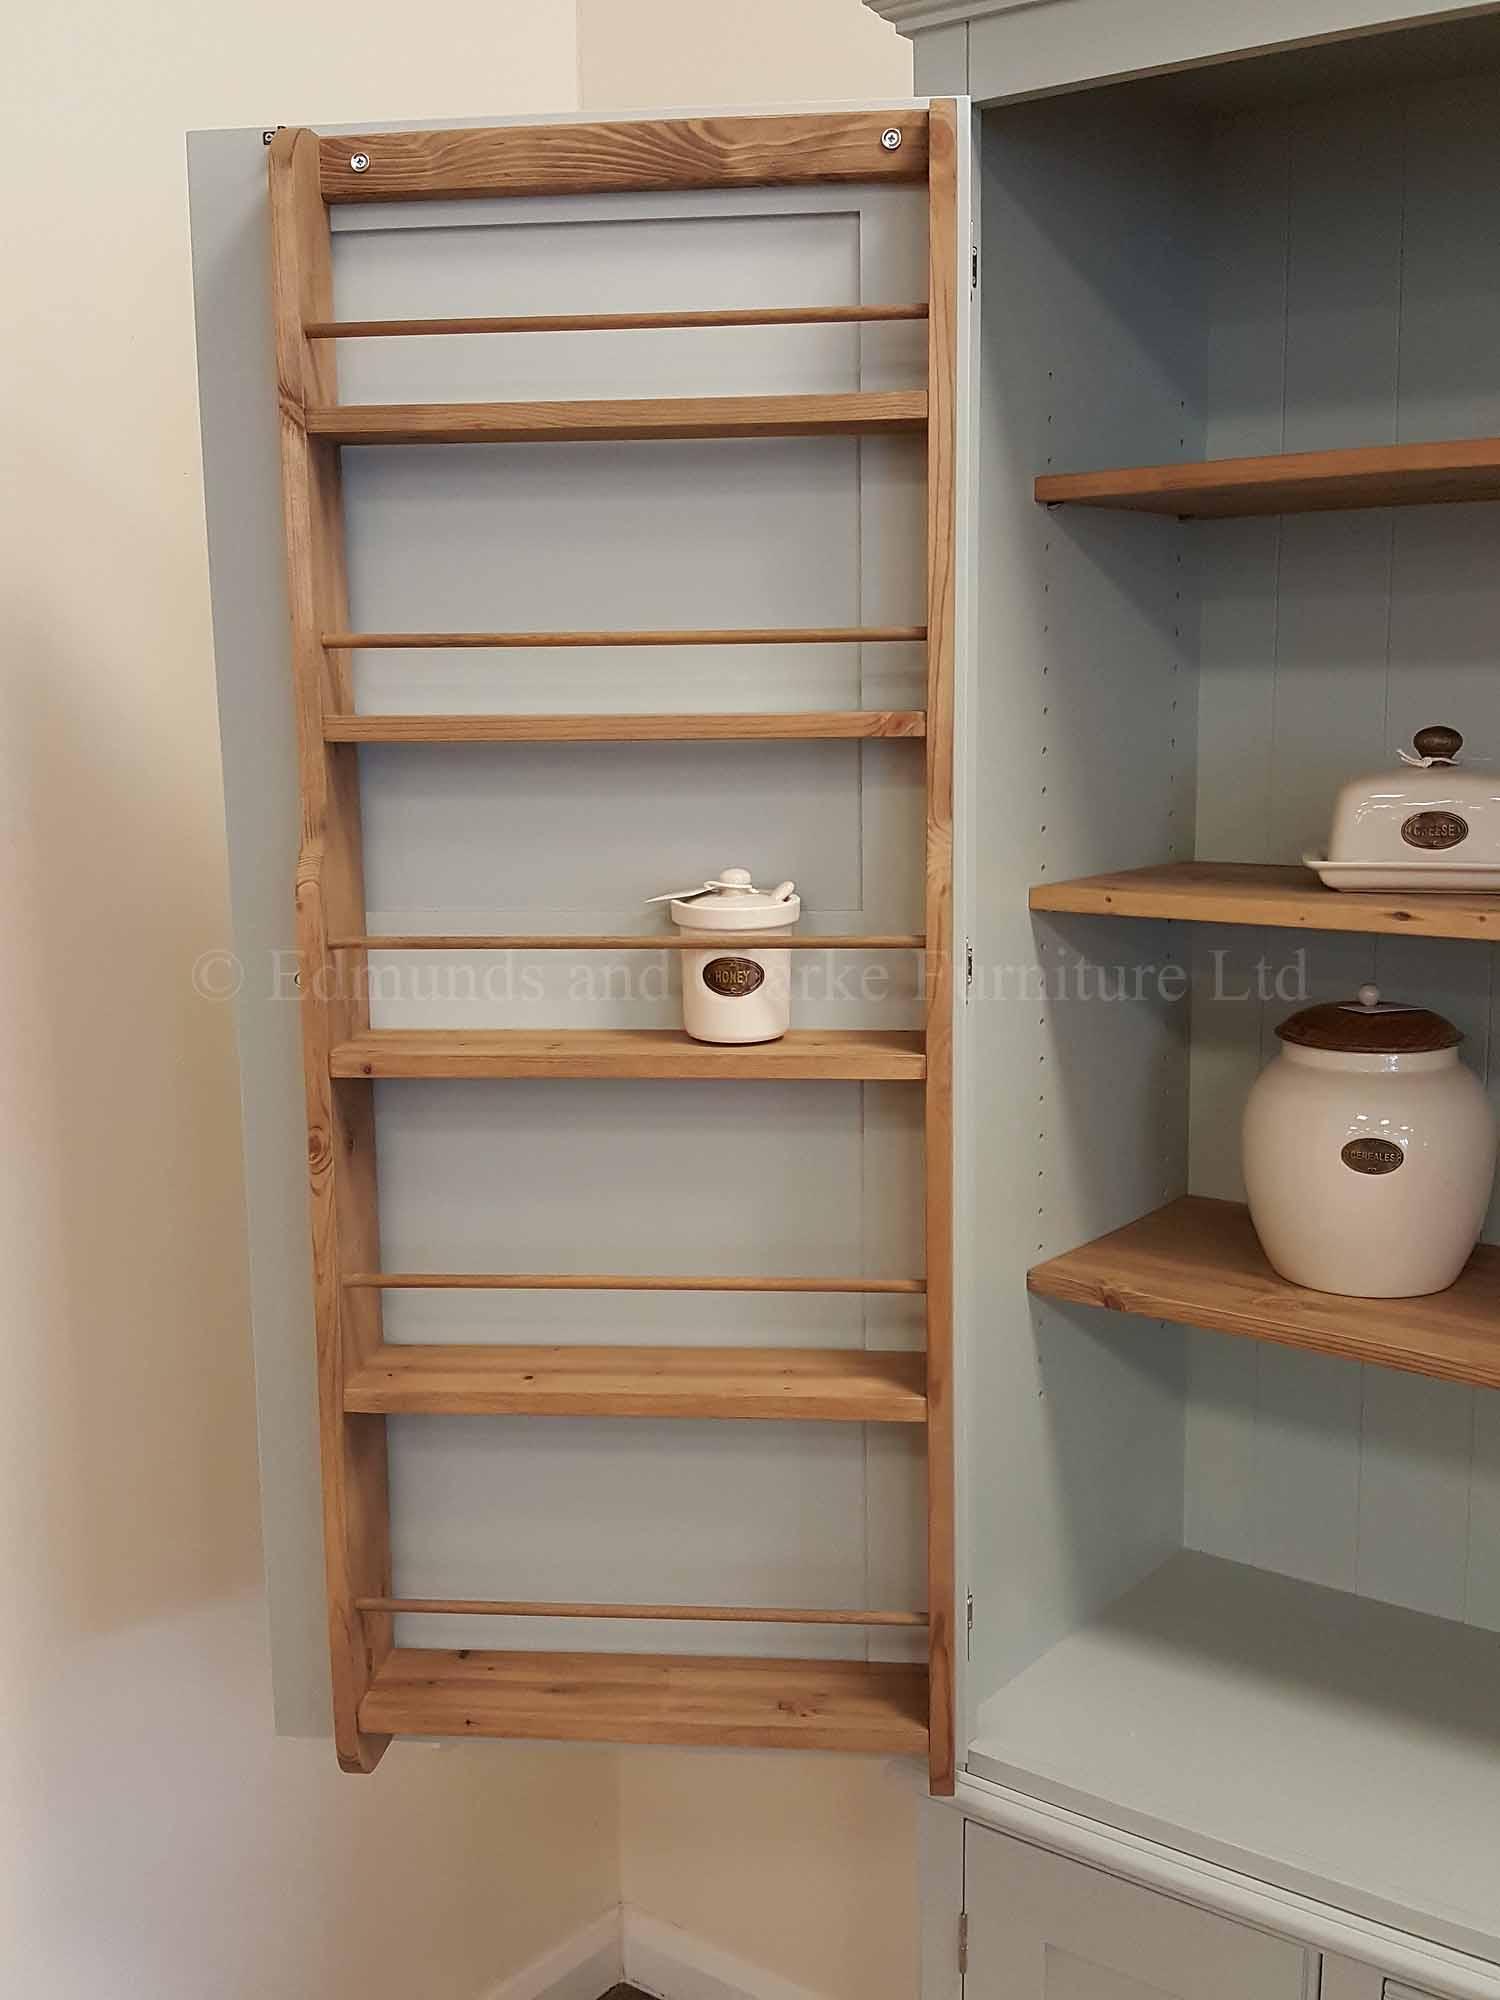 Spice racks inside our Larder cupboard